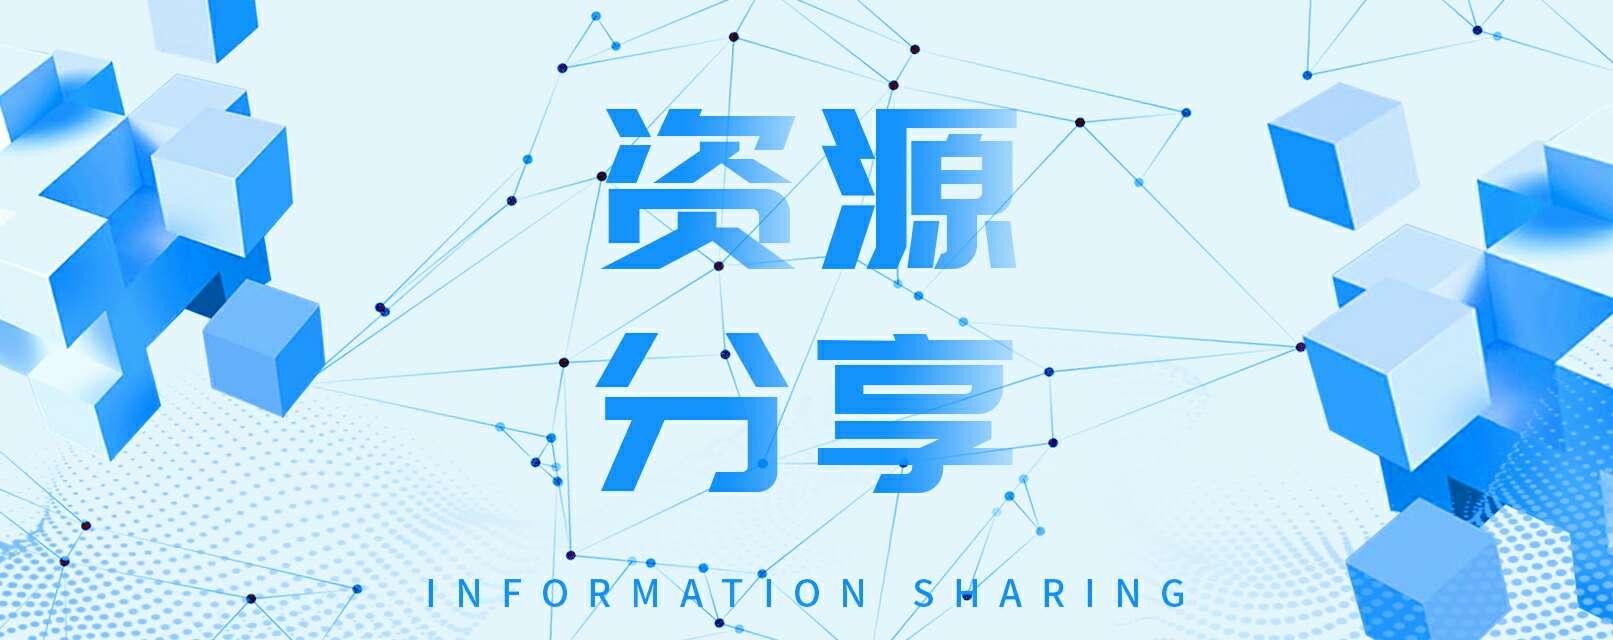 【资源分享】微功能(微信)1.0